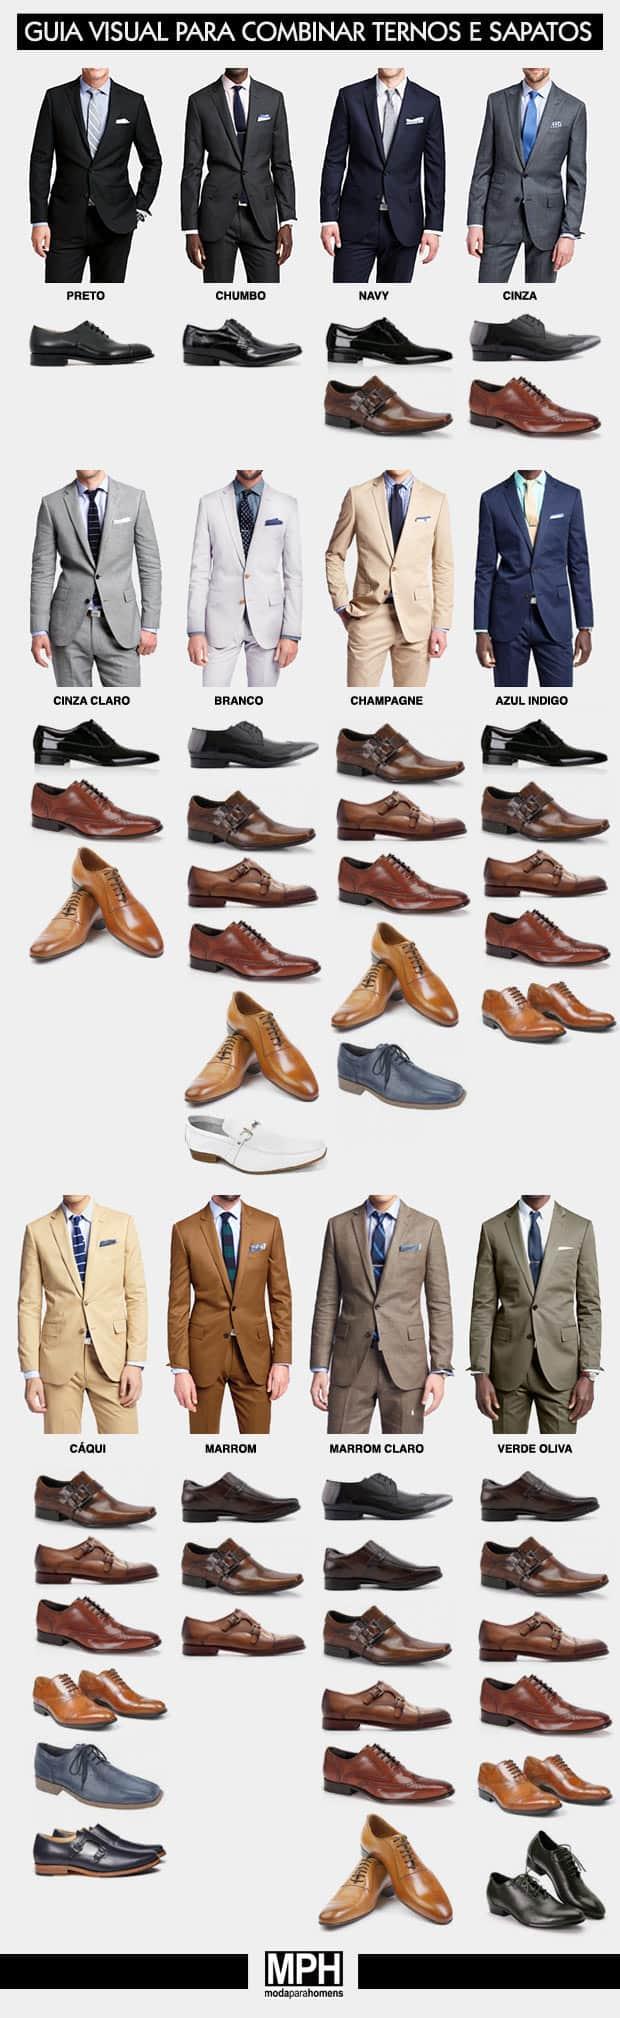 como combinar ternos e sapatos